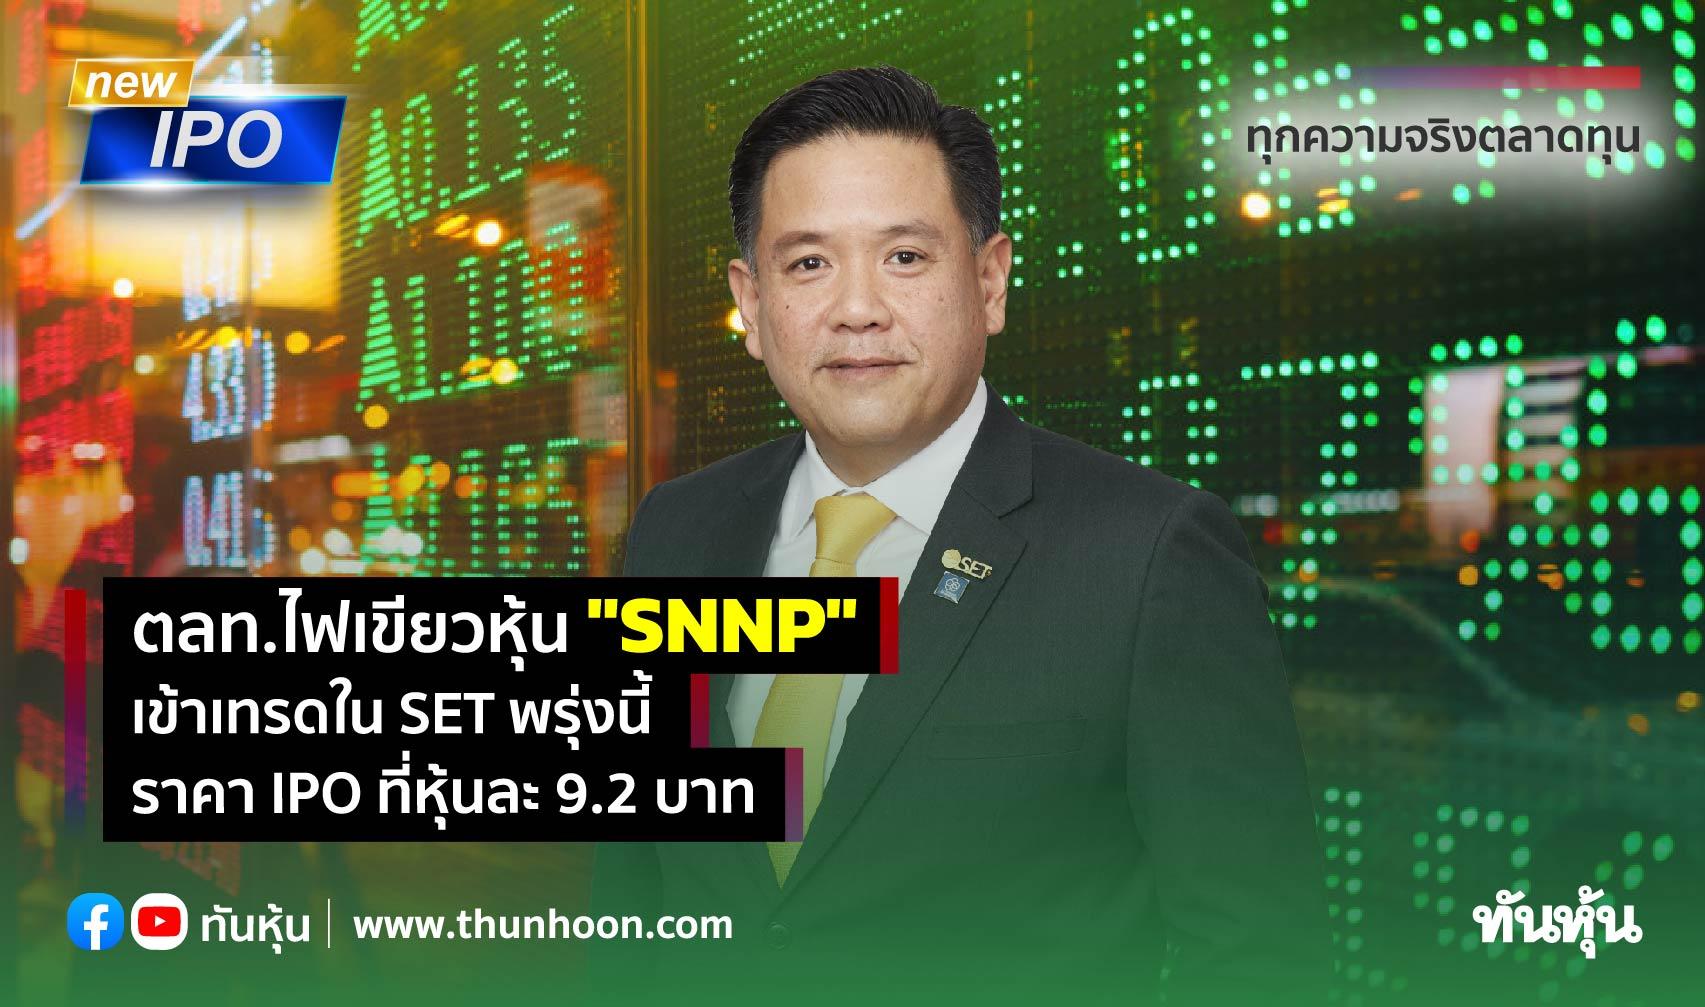 """ตลท.ไฟเขียวหุ้น """"SNNP""""  เข้าเทรดใน SET พรุ่งนี้,  ราคา IPO ที่หุ้นละ 9.20 บาท"""